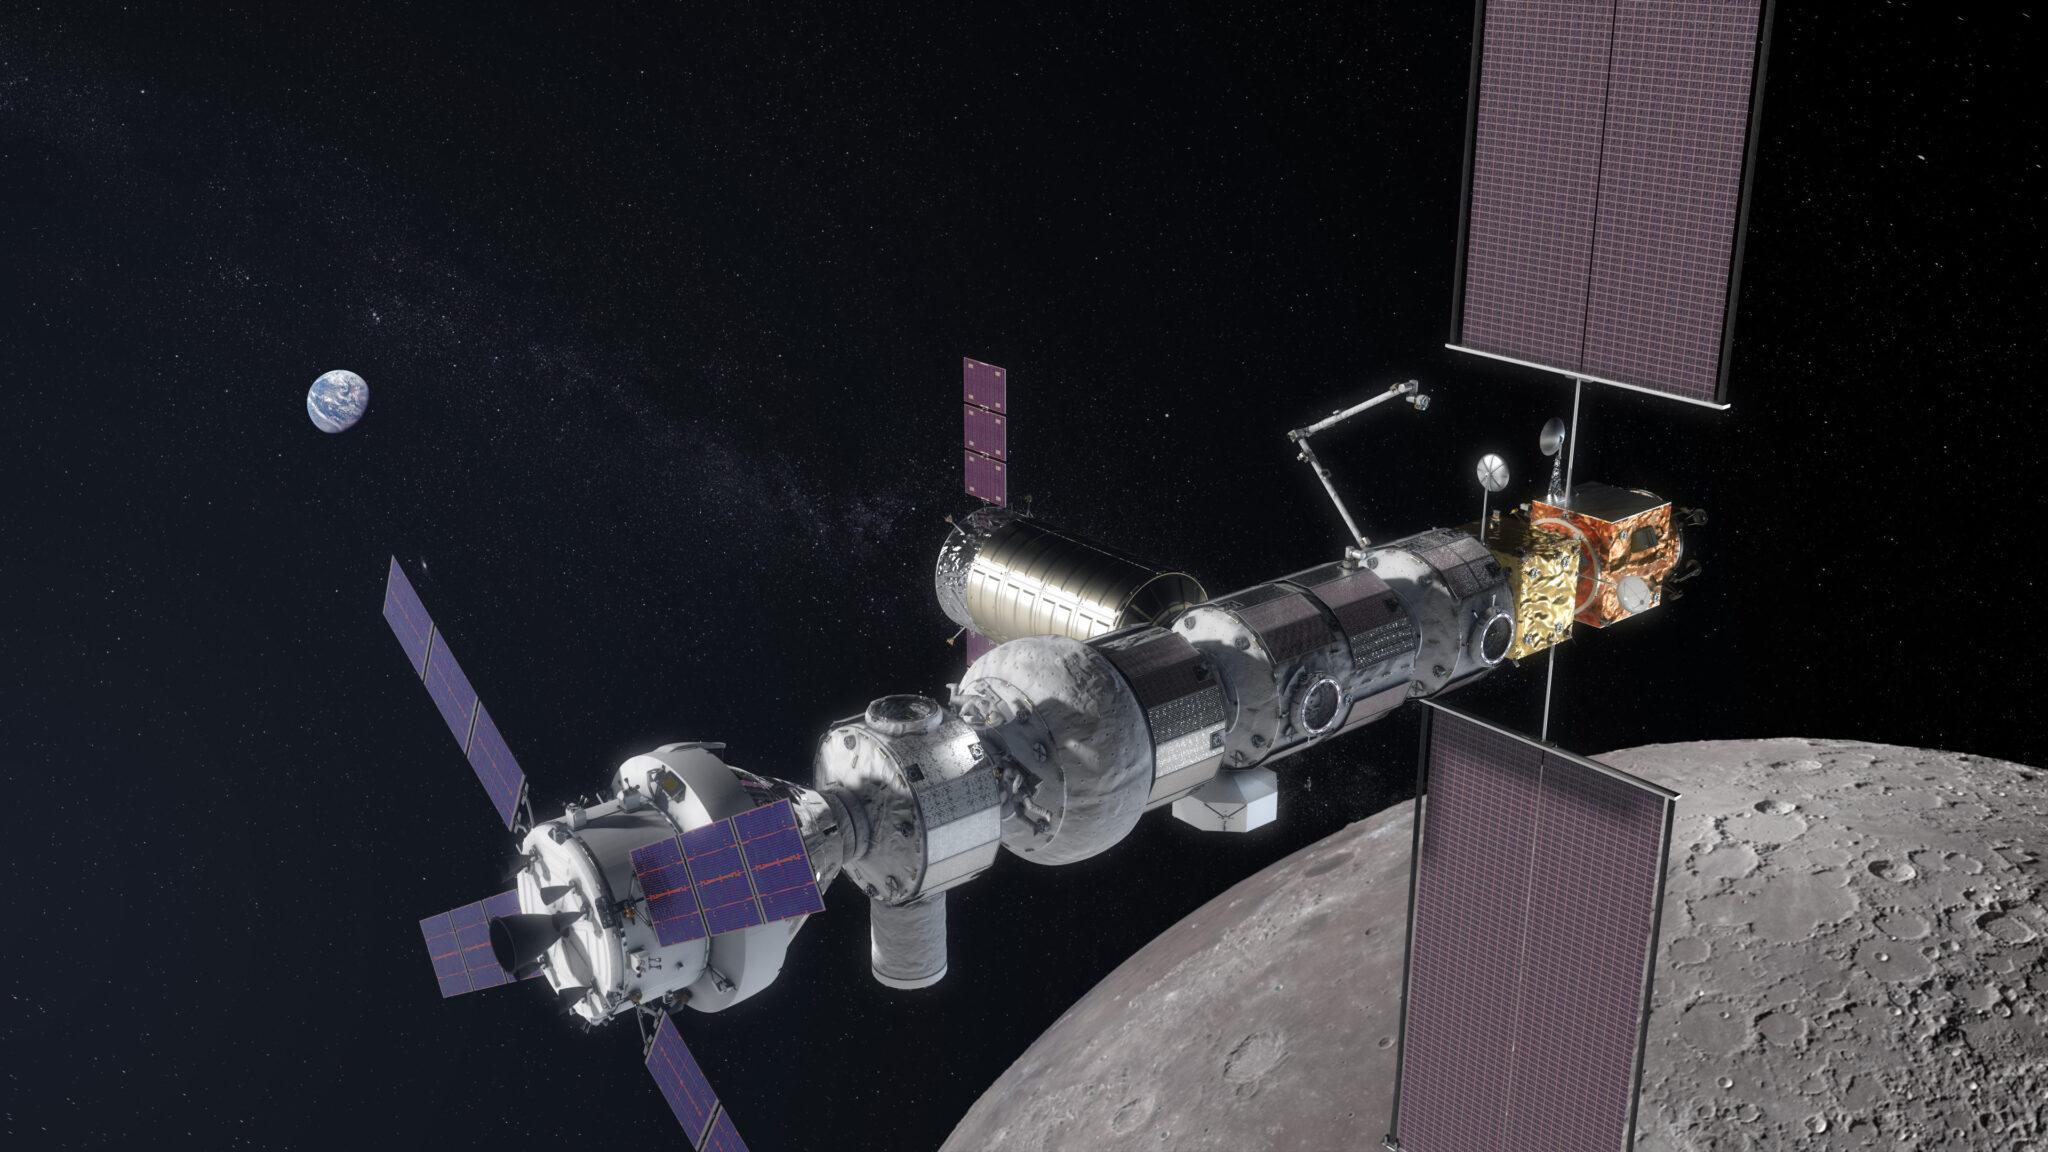 Das Lunar Orbital Platform-Gateway: Von hier sollen Expeditionen zu anderen Planeten starten.